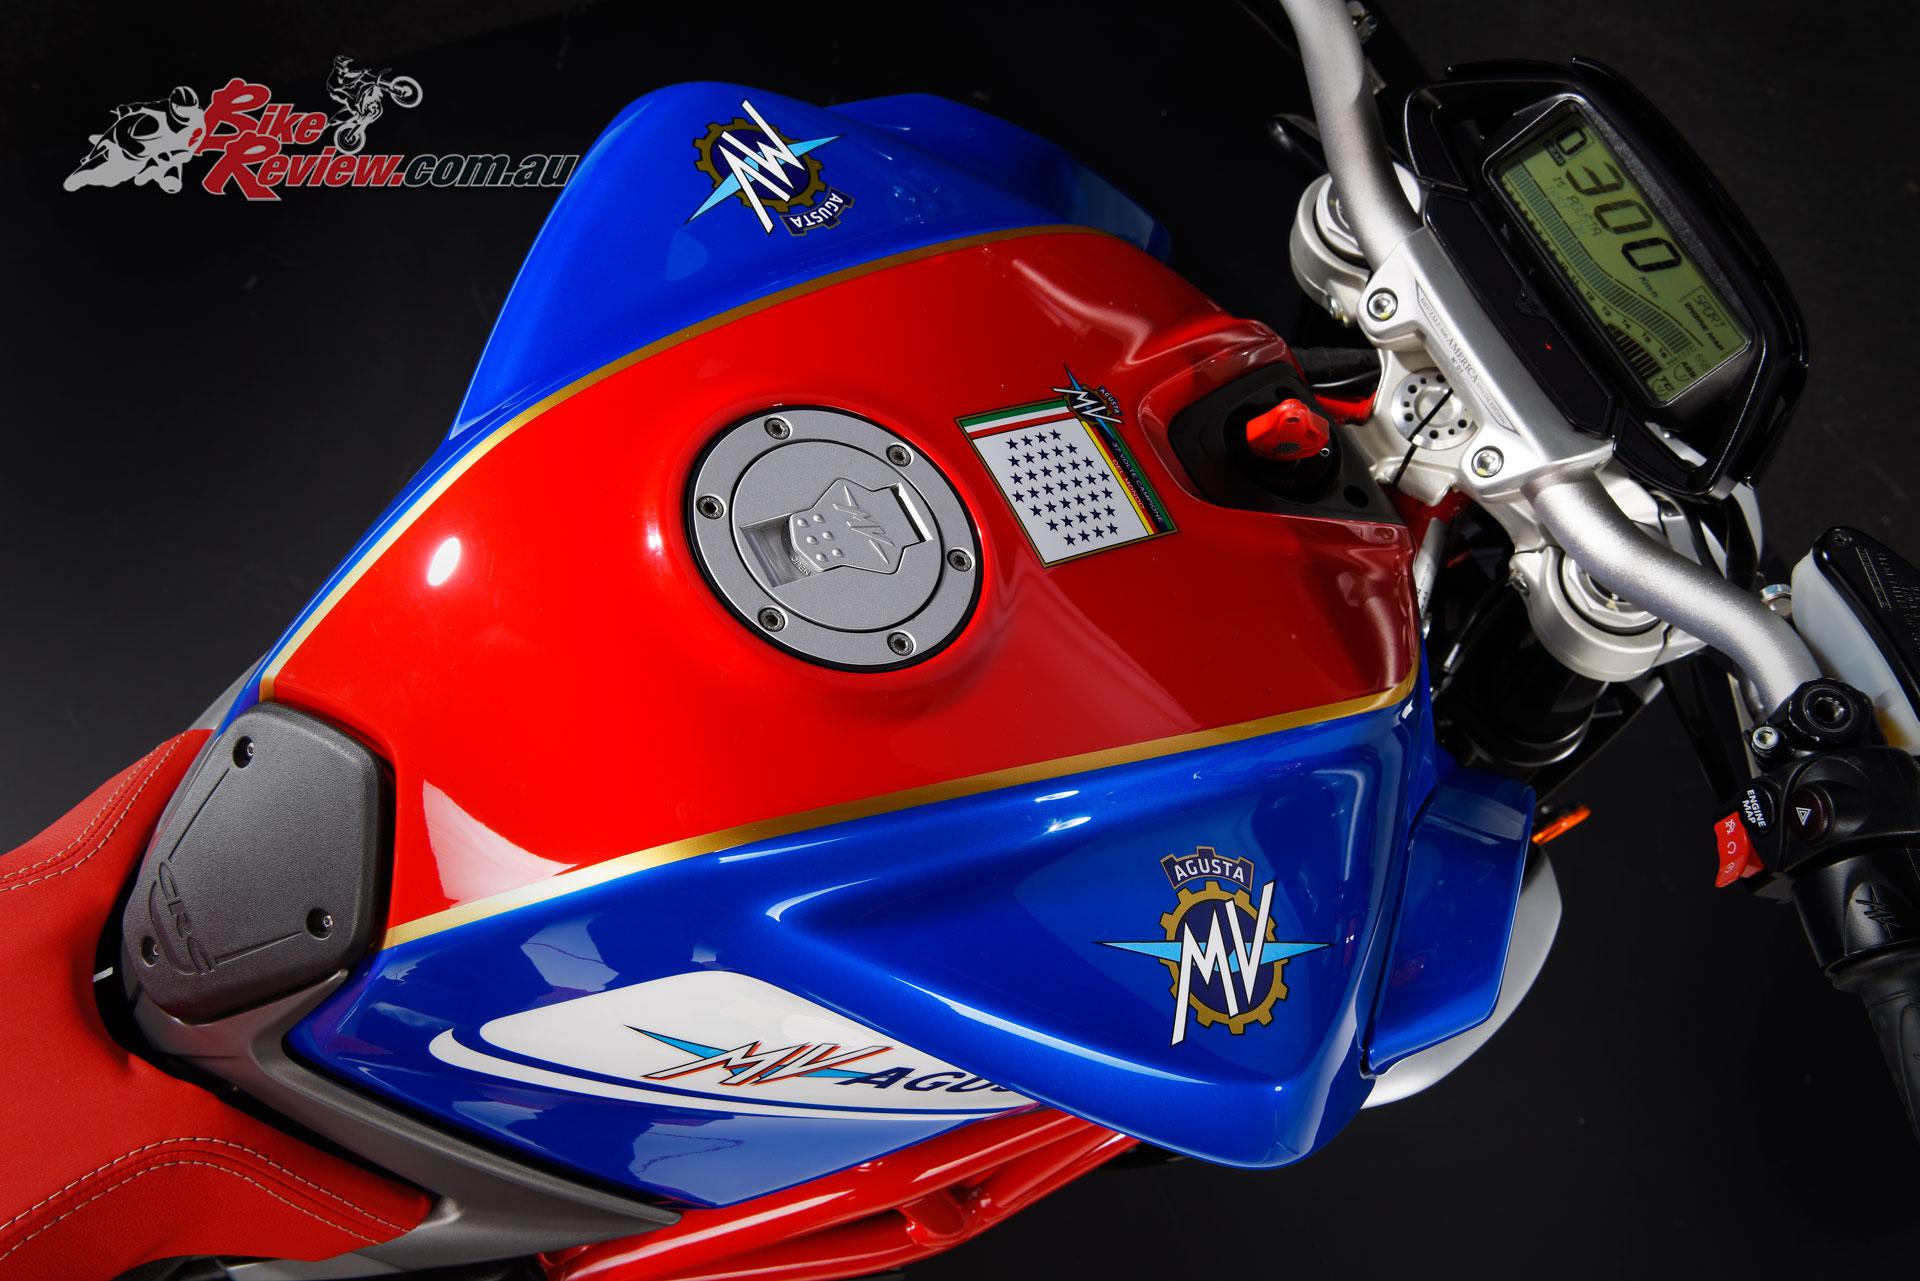 2017 MV Agusta Brutale 800 America